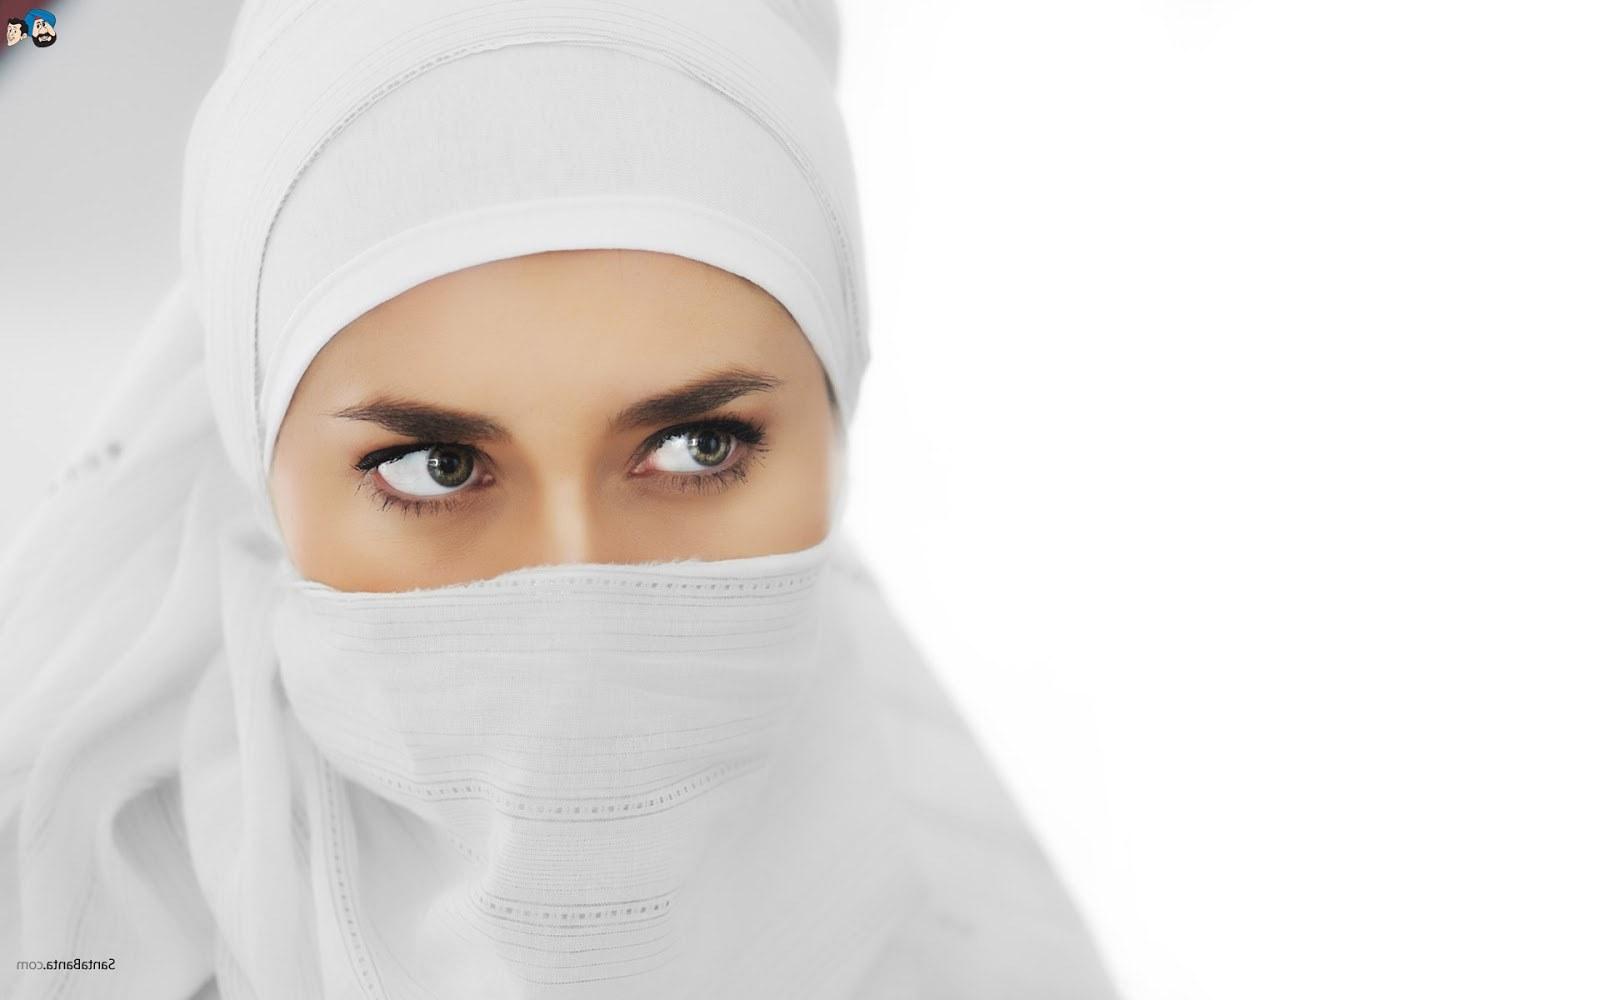 Ide Muslimah Bercadar S5d8 Koleksi Wallpaper Wanita Muslimah Bercadar Fauzi Blog